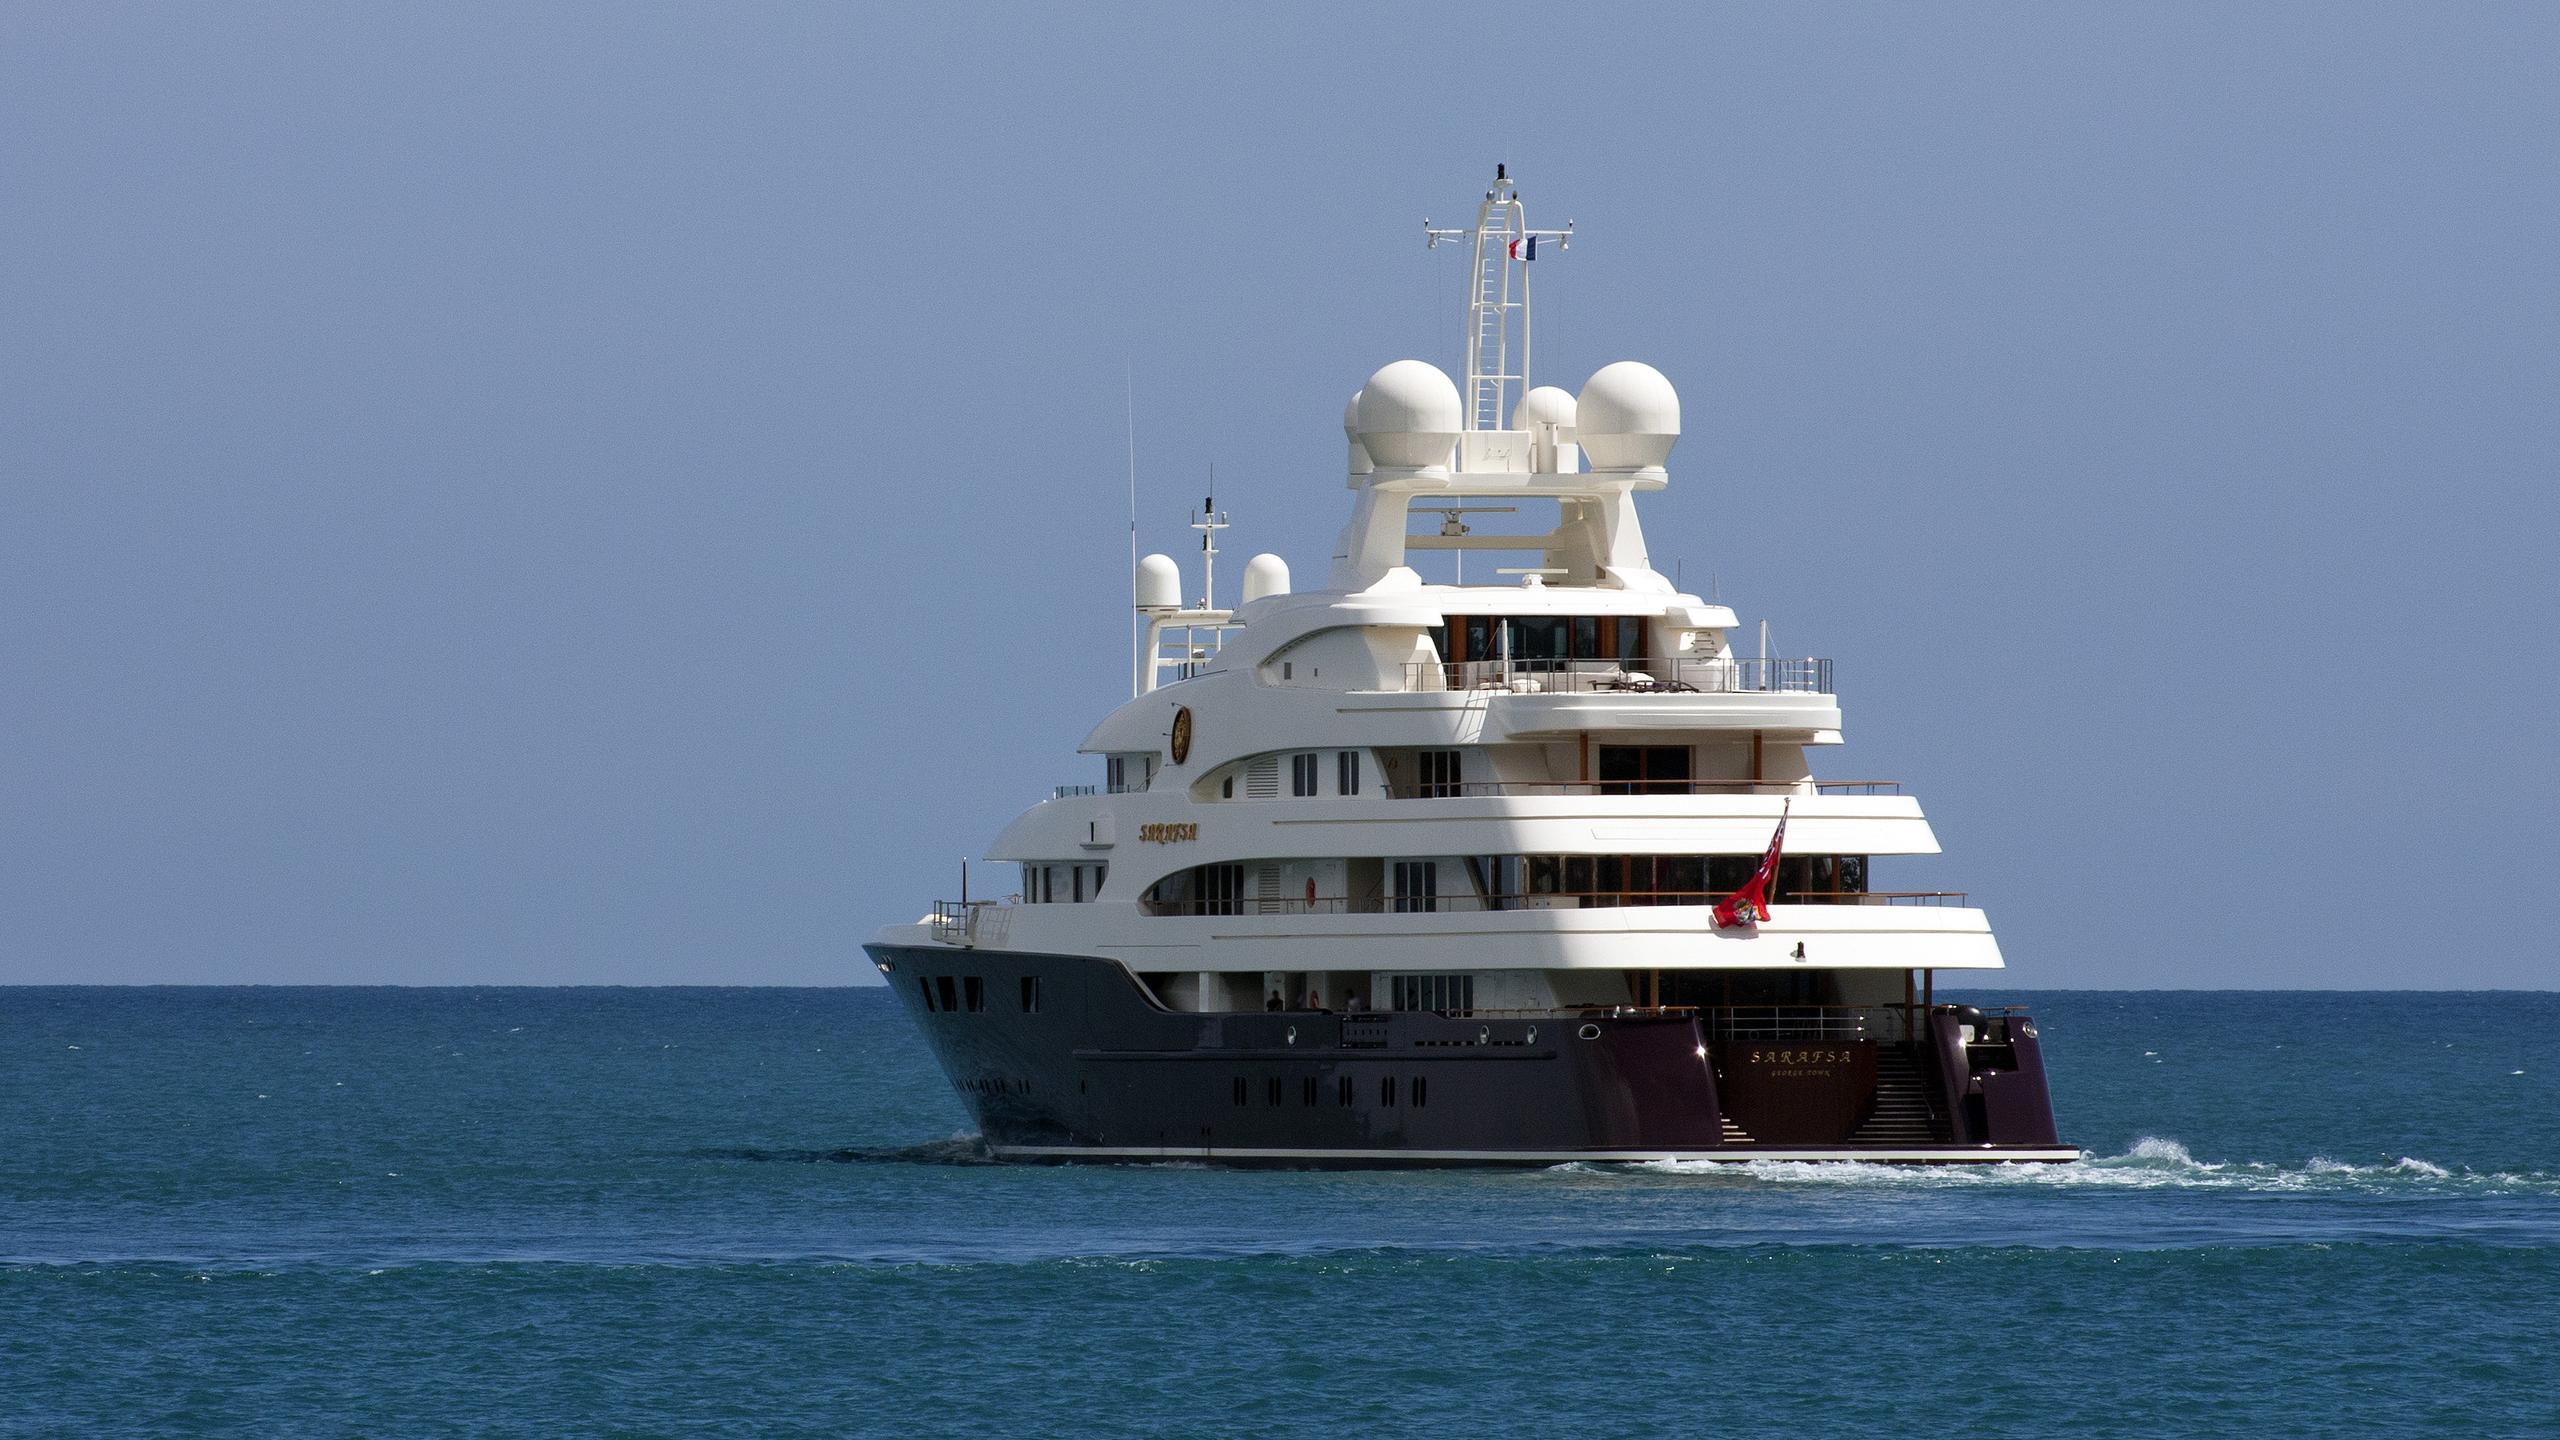 sarafsa-motor-yacht-devonport-2008-82m-stern